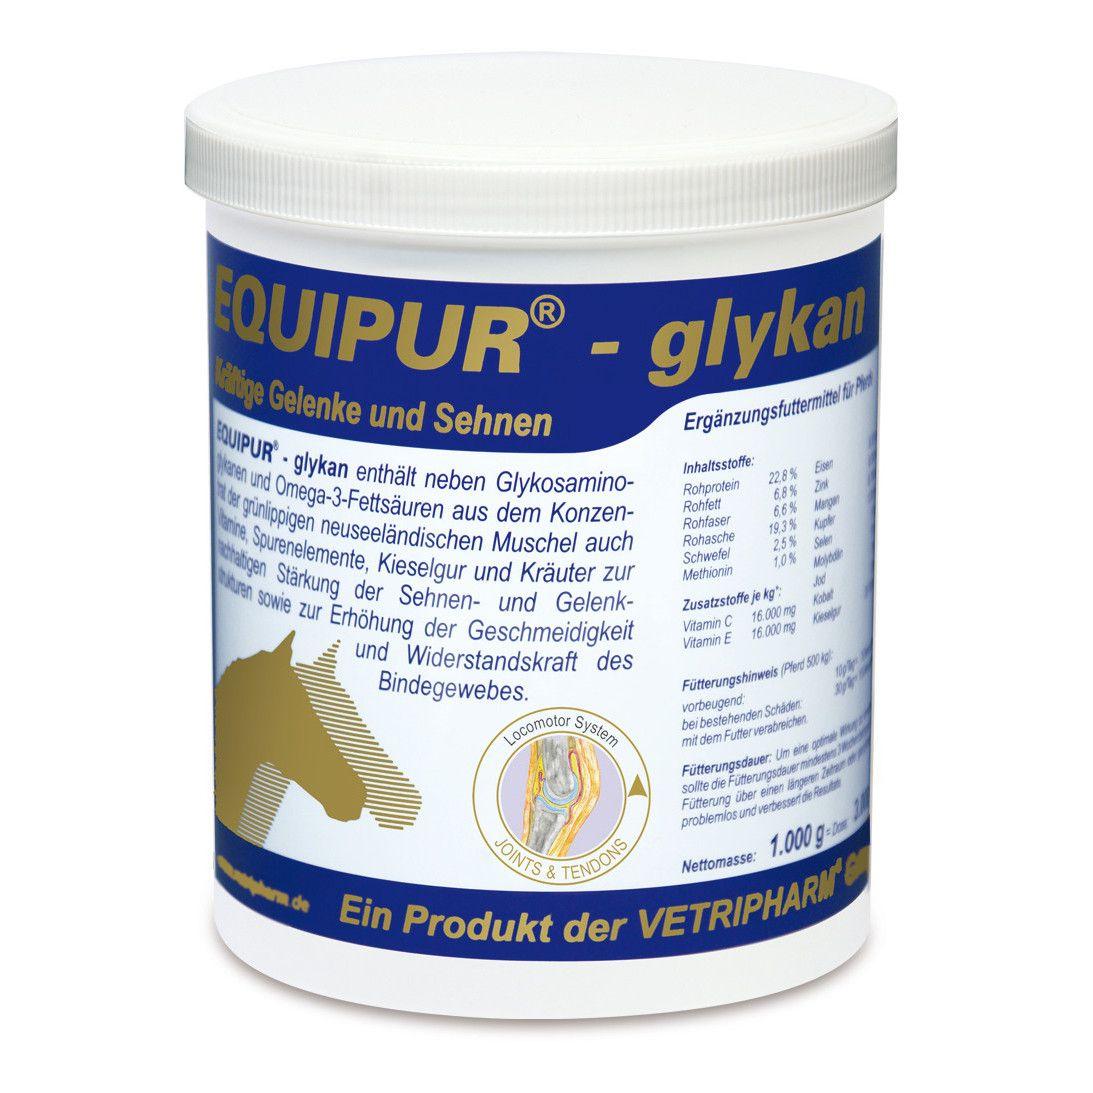 Vetripharm Equipur glykan